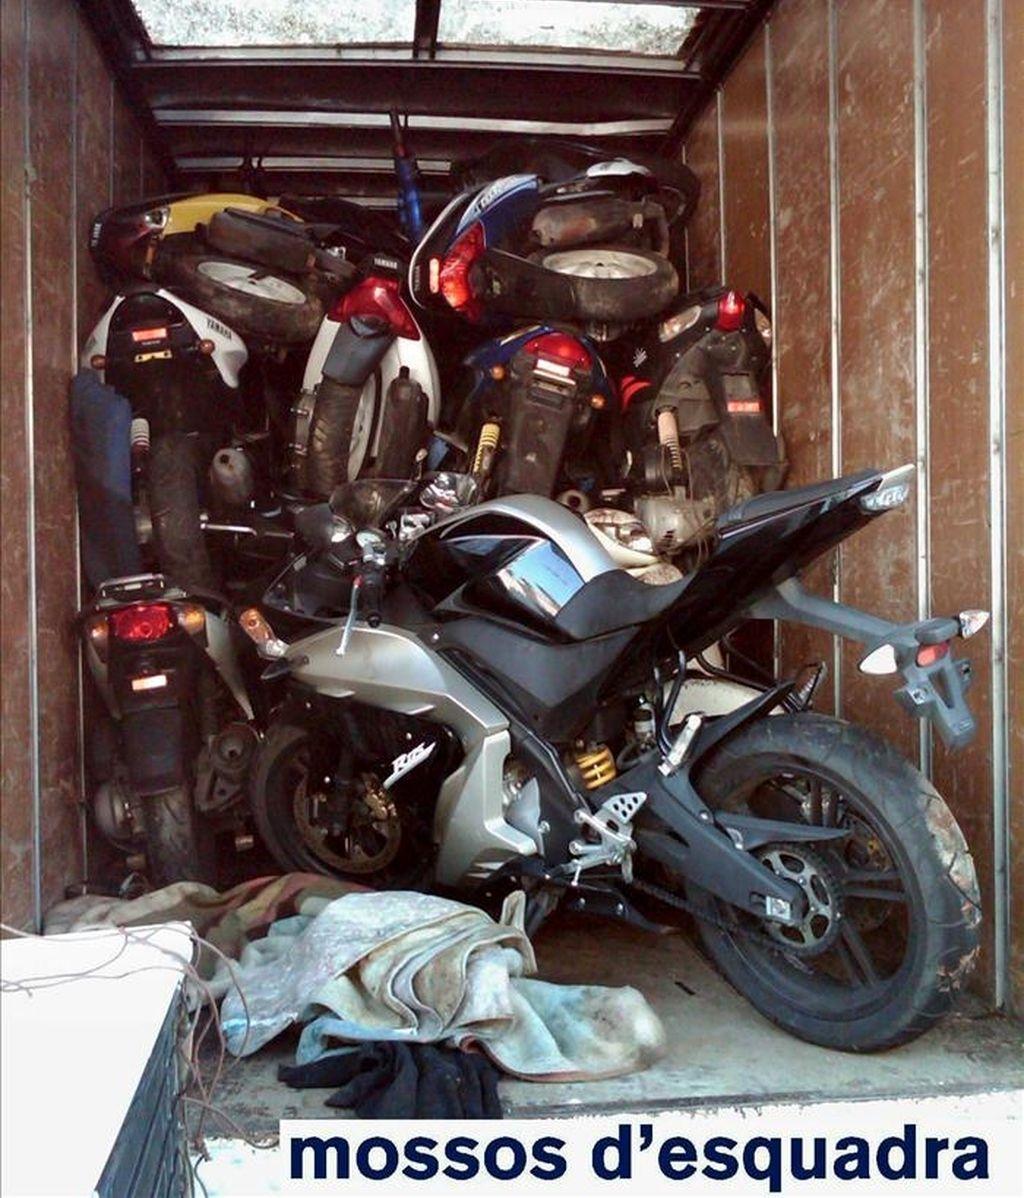 """Fotografía facilitada por la policía autonómica """"Mossos d'Esquadra"""", que han recuperado 21 motocicletas robadas en el Puerto de Barcelona cuando estaban a punto de ser cargadas para salir en barco en dirección a Tánger (Marruecos). EFE"""